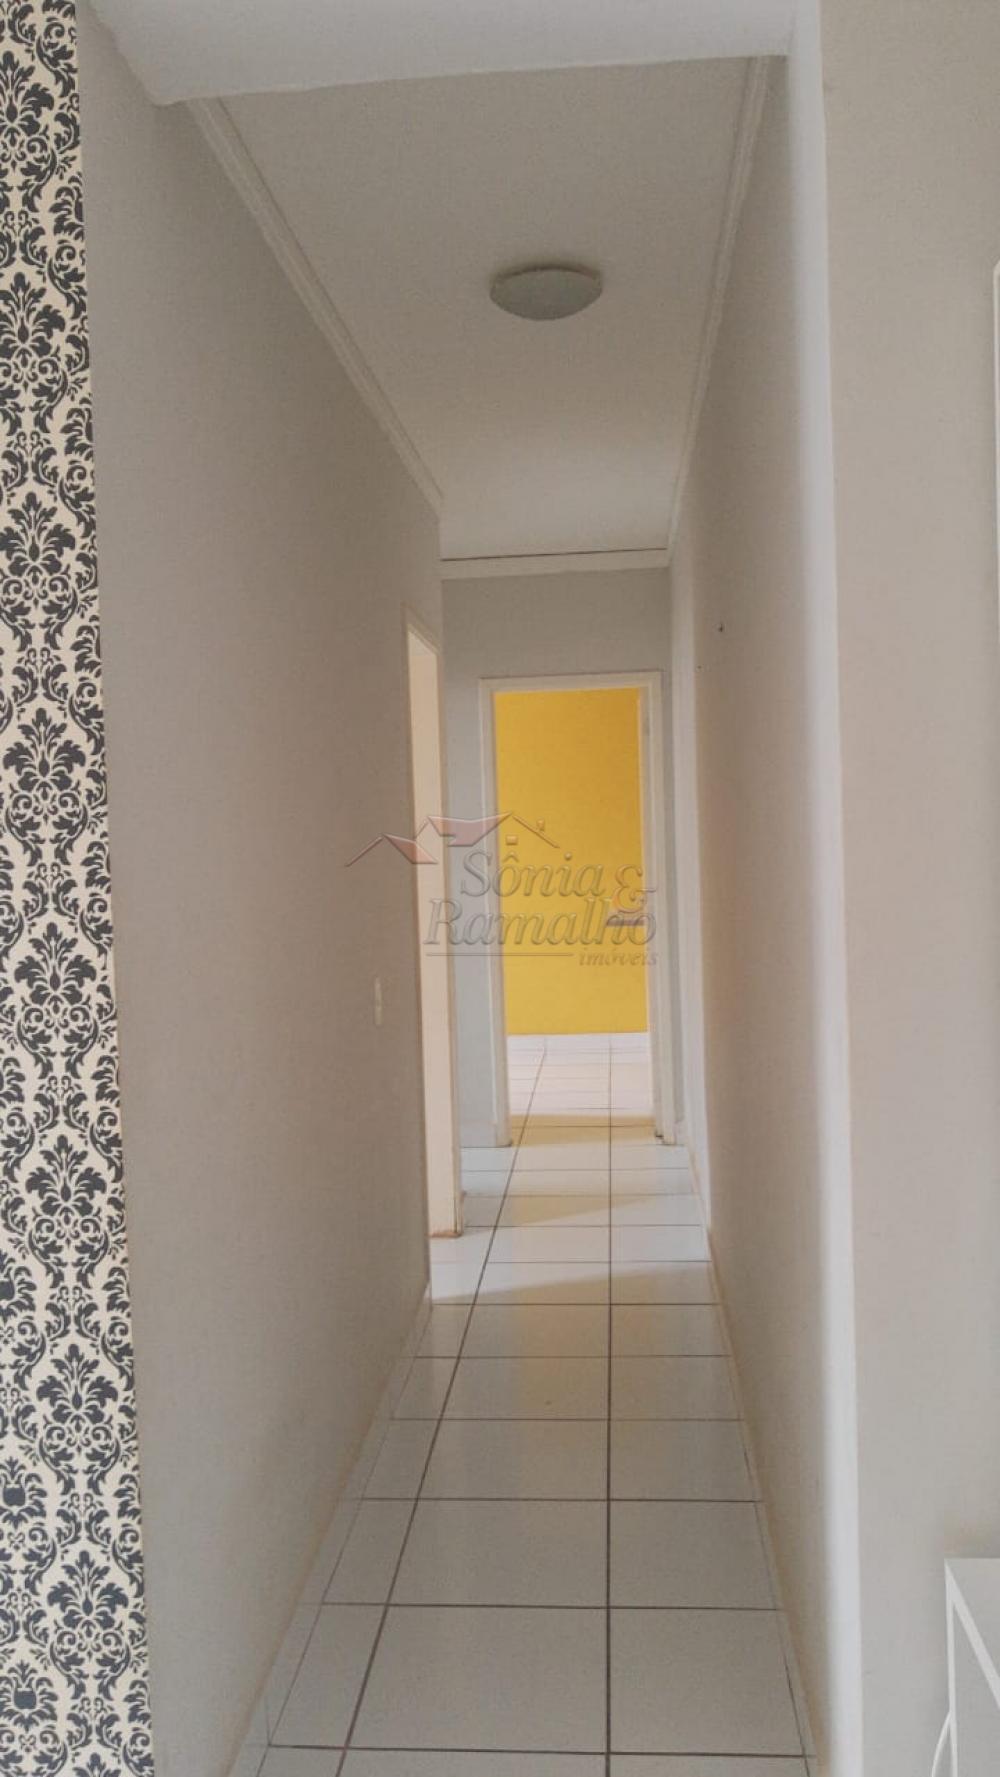 Comprar Apartamentos / Padrão em Ribeirão Preto R$ 190.000,00 - Foto 8